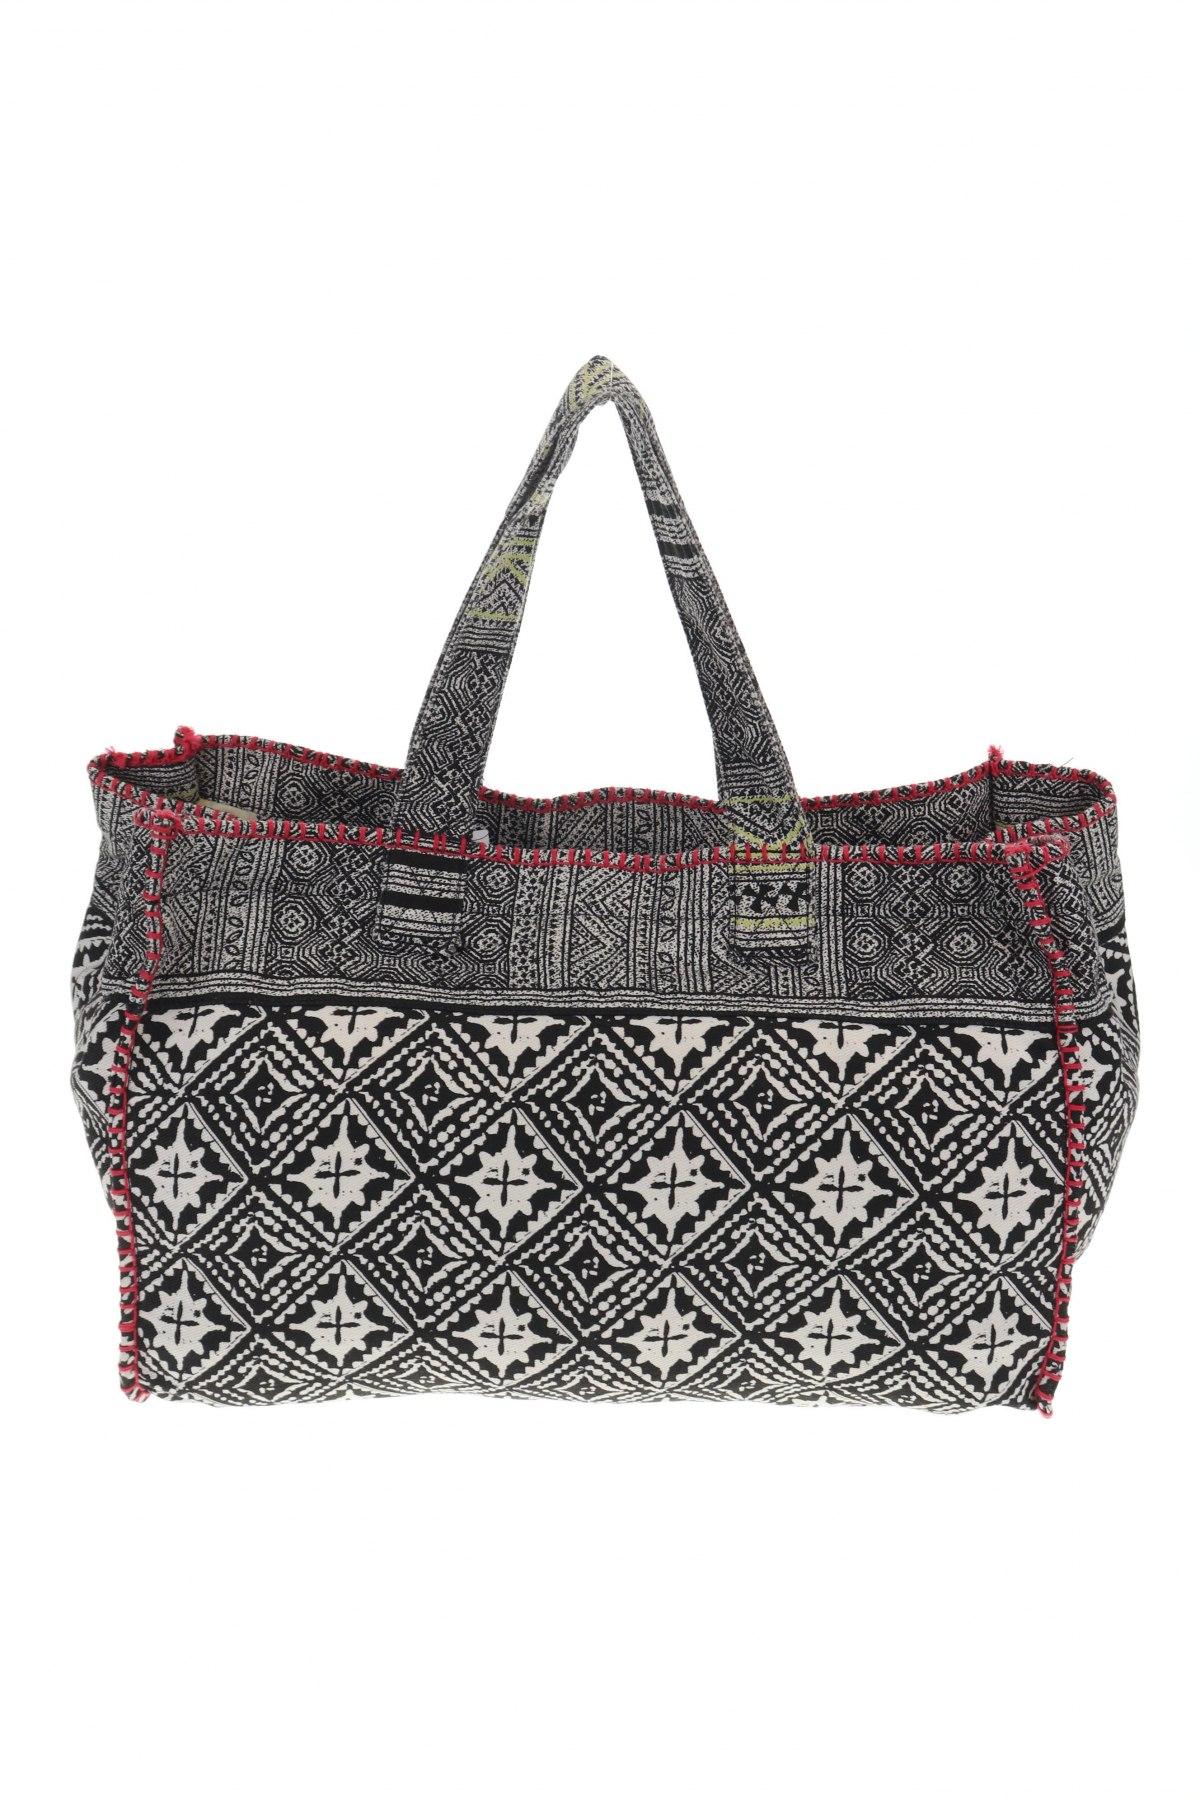 Дамска чанта Reserved, Цвят Многоцветен, Текстил, Цена 44,25лв.